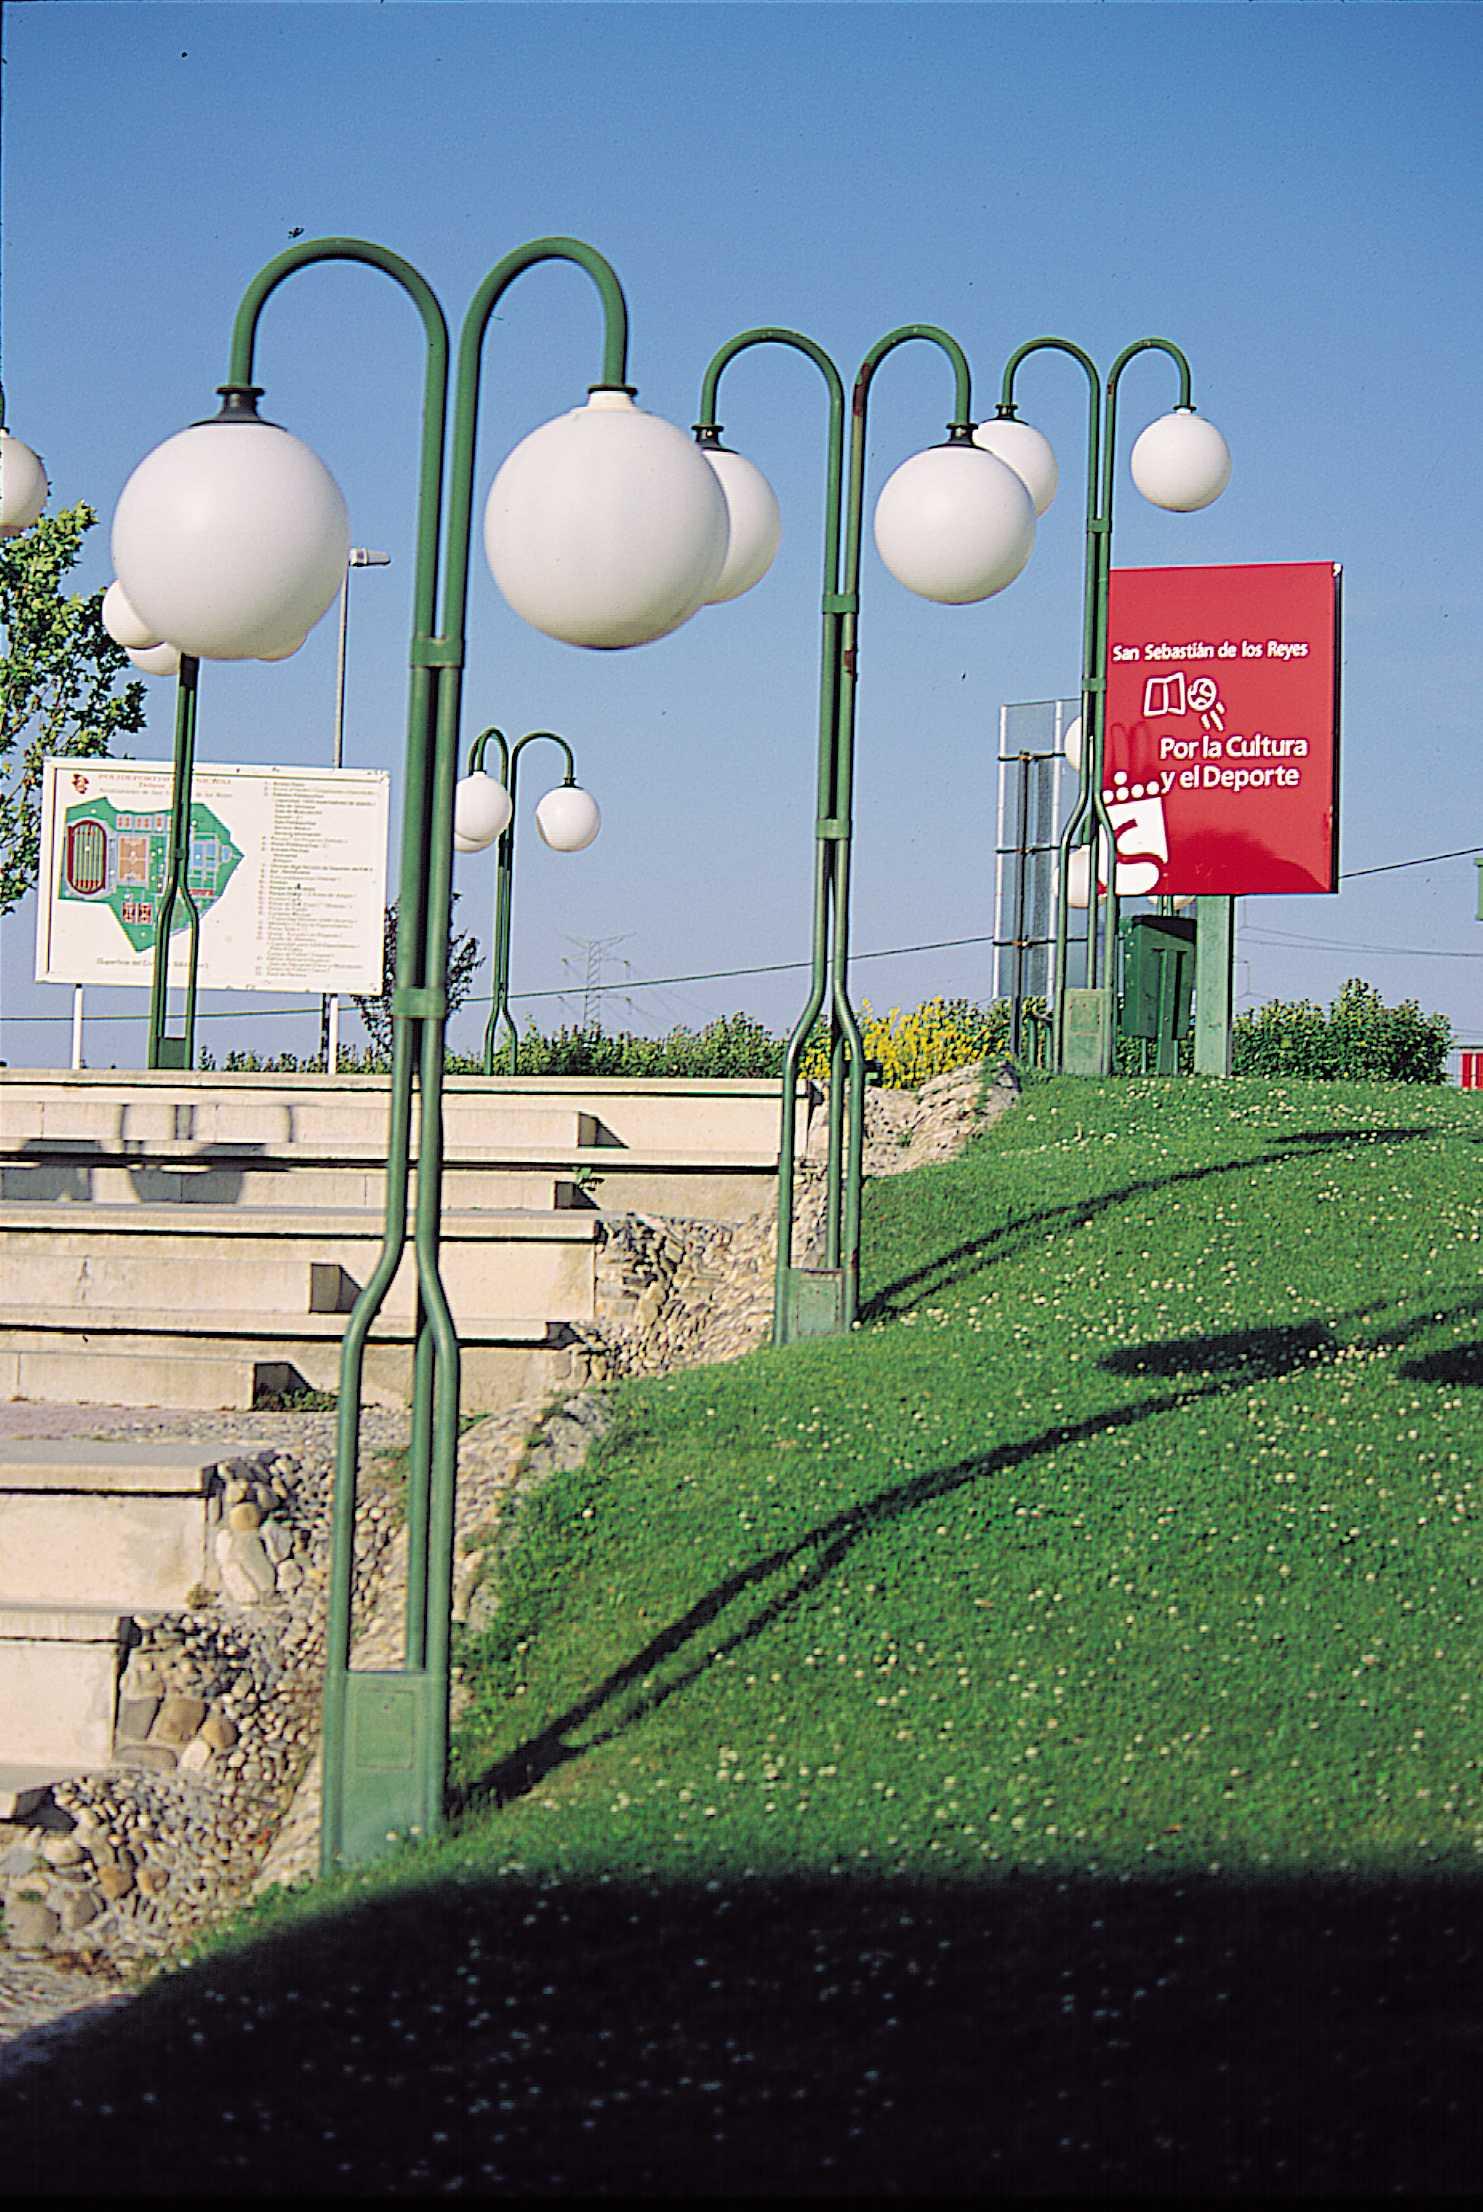 Parque con instalaciones deportivas en San Sebastián de los Reye